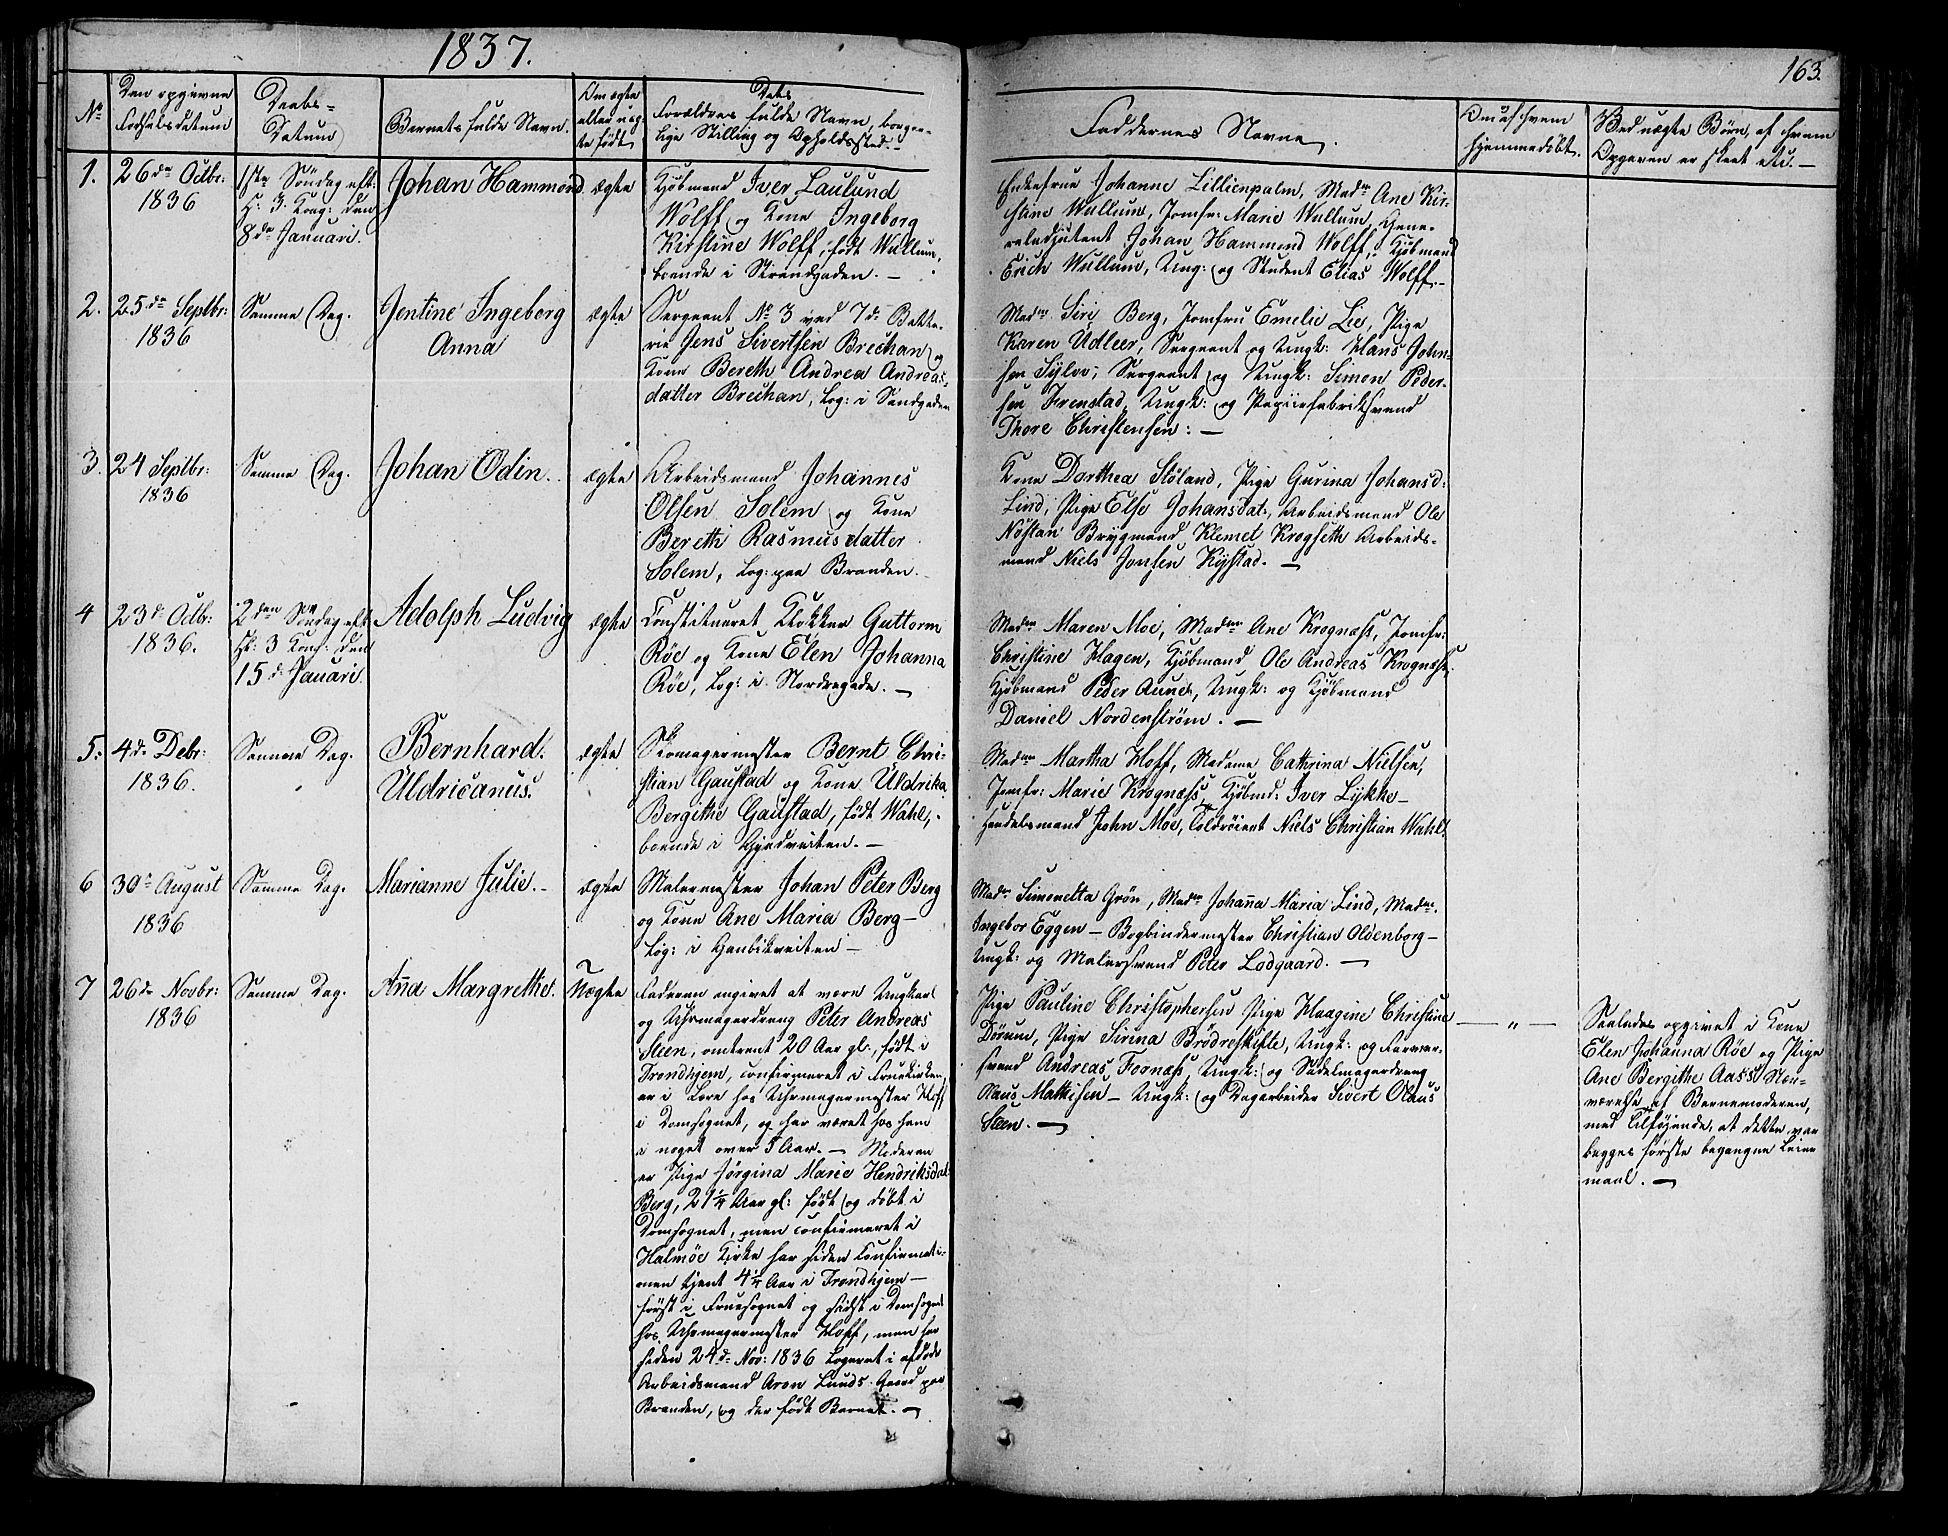 SAT, Ministerialprotokoller, klokkerbøker og fødselsregistre - Sør-Trøndelag, 602/L0108: Ministerialbok nr. 602A06, 1821-1839, s. 163